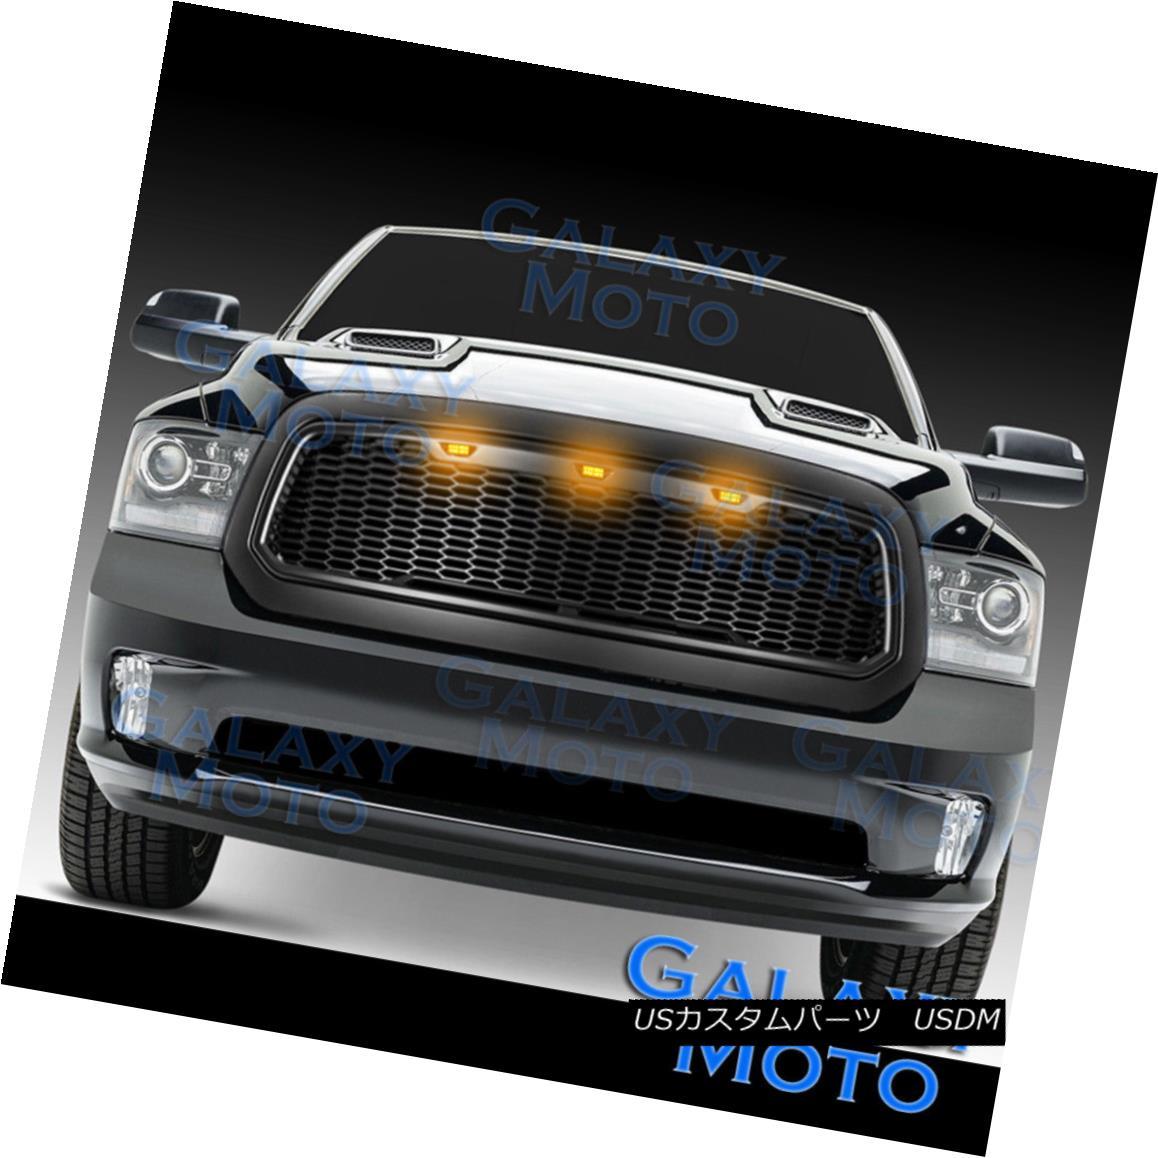 グリル 13-17 Dodge RAM Raptor Style Matte Black Replacement Mesh Grille+Shell+Amber LED 13-17ドッジRAMラプタースタイルマットブラック交換メッシュグリル+シェル+ A mber LED